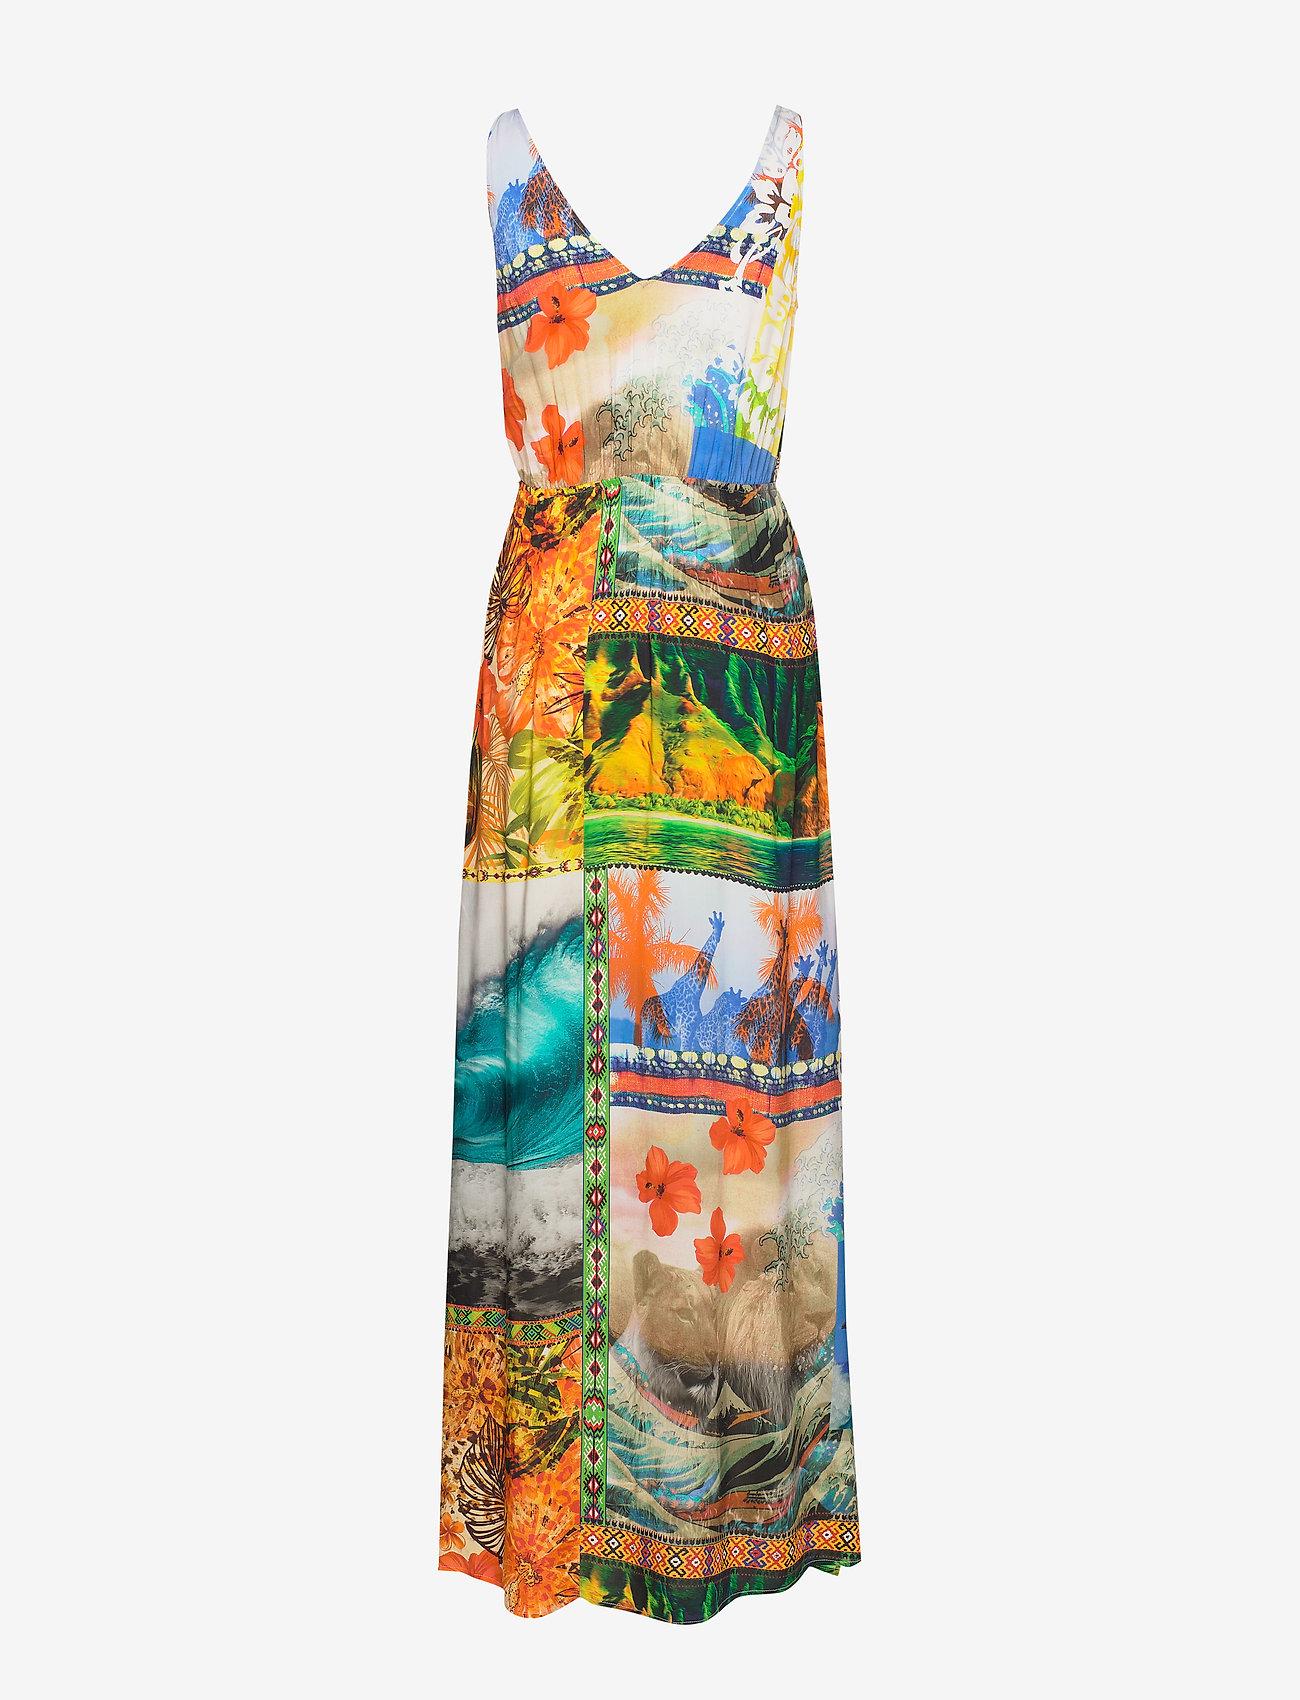 Vest Hawai (Tutti Fruti) (519.35 kr) - Desigual